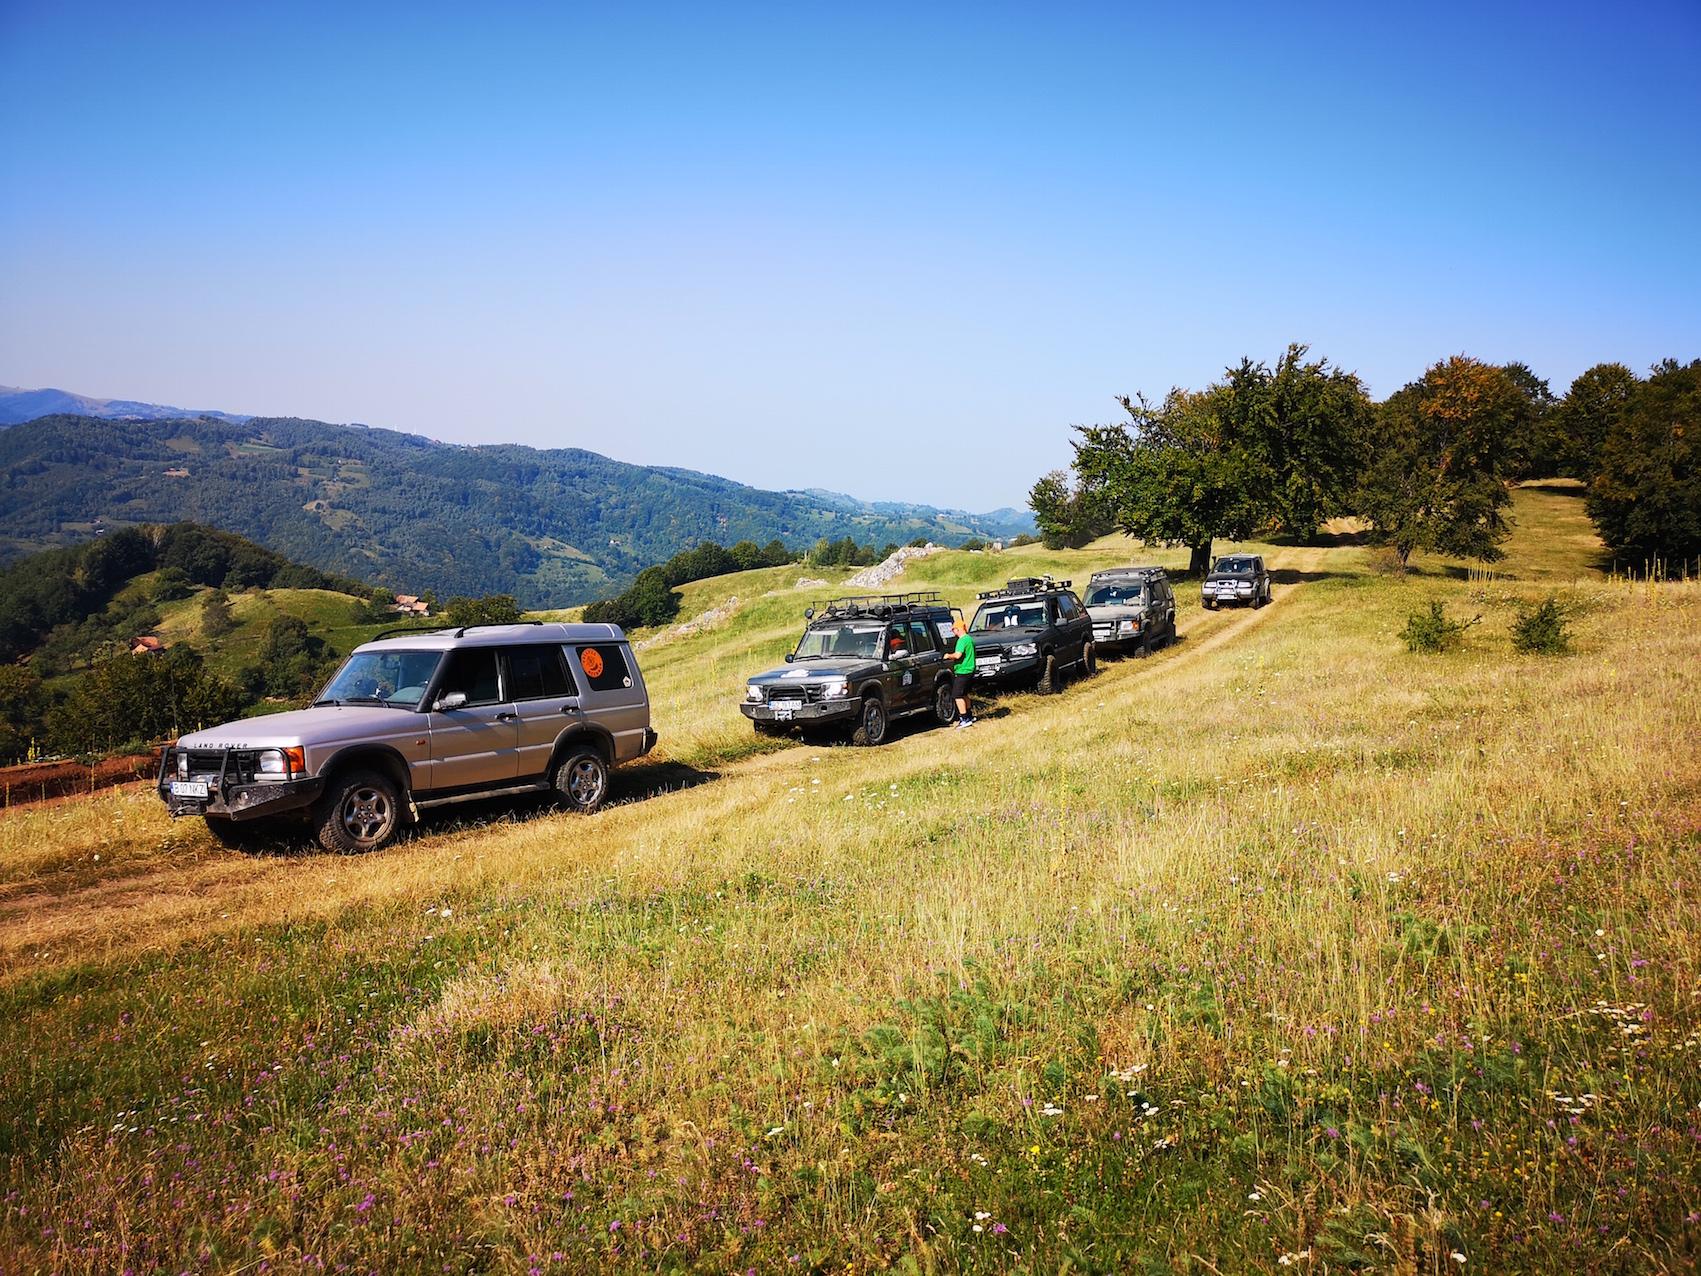 <p>Șureanu by Călăuza Plictisiți de stat acasă? Combinați aventura cu relaxarea și veniți cu noi să traversați Masivul Șureanu de la Căpâlna până la Costești! Înscrie-te Aventură în 4 zile 20-23 iunie 2019 Perioadă 20-23 iunie 2019, cu plecare din Sibiu, ieșirea spre Agnita, ora 9.00. Unde Munții Sebeșului, Masivul […]</p>